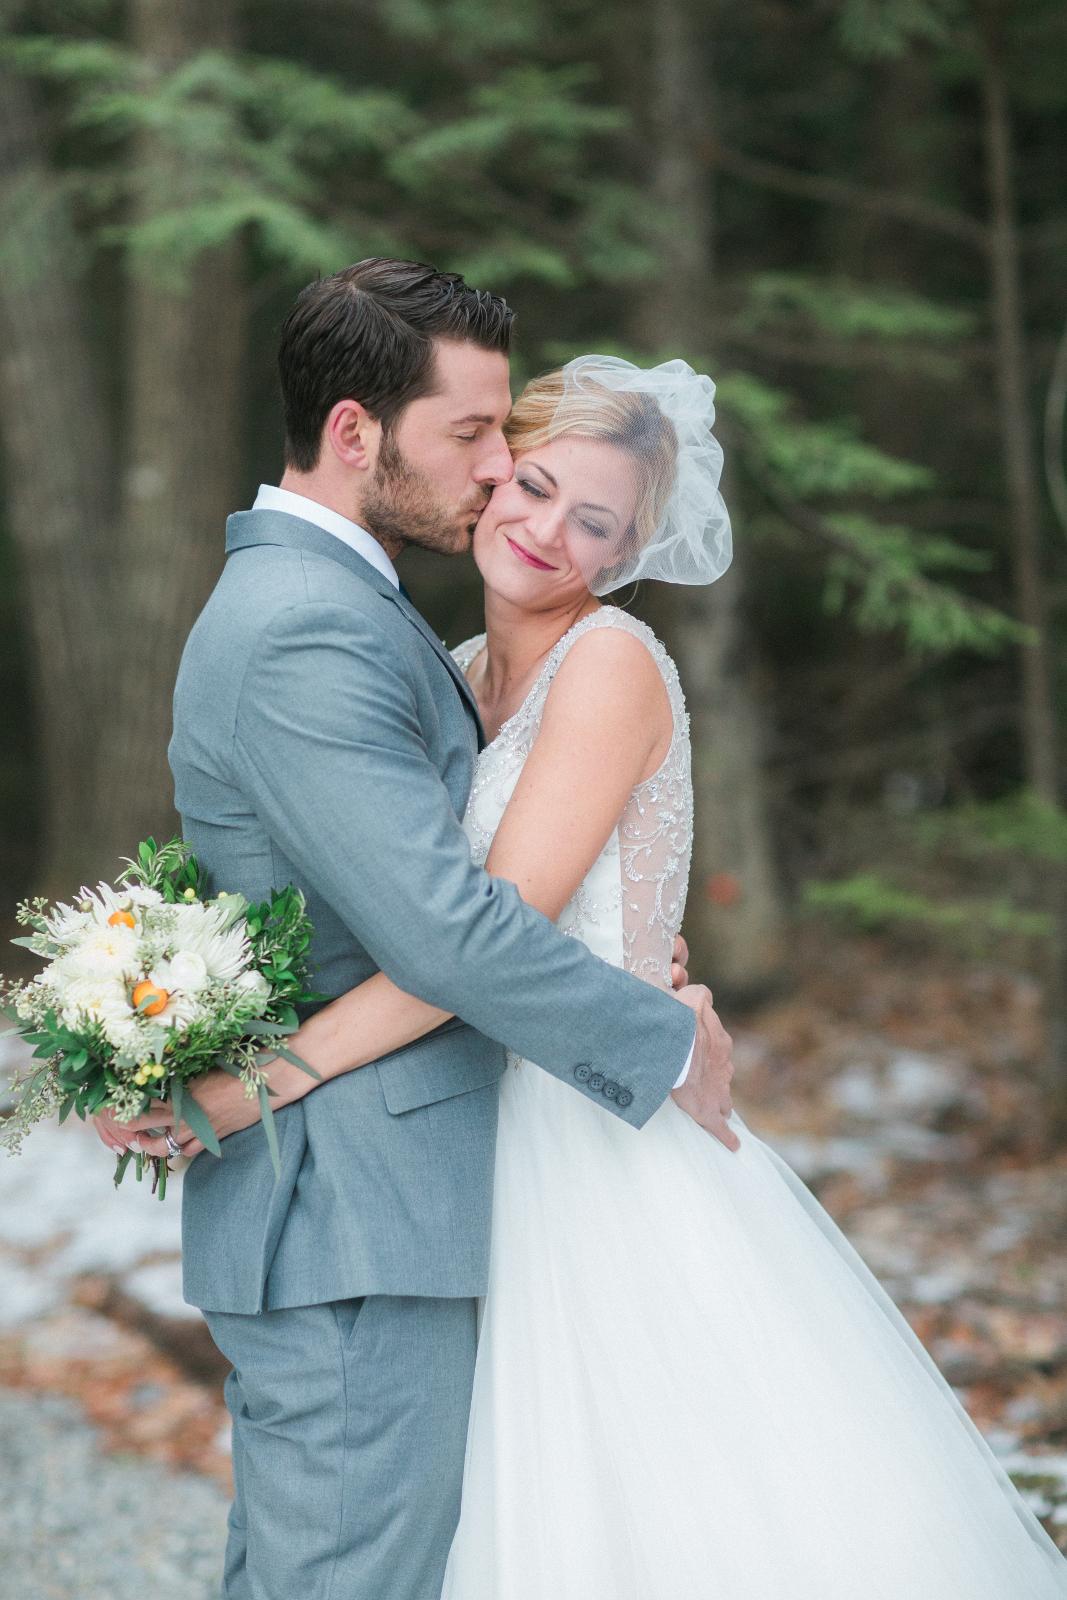 Maine outdoor wedding